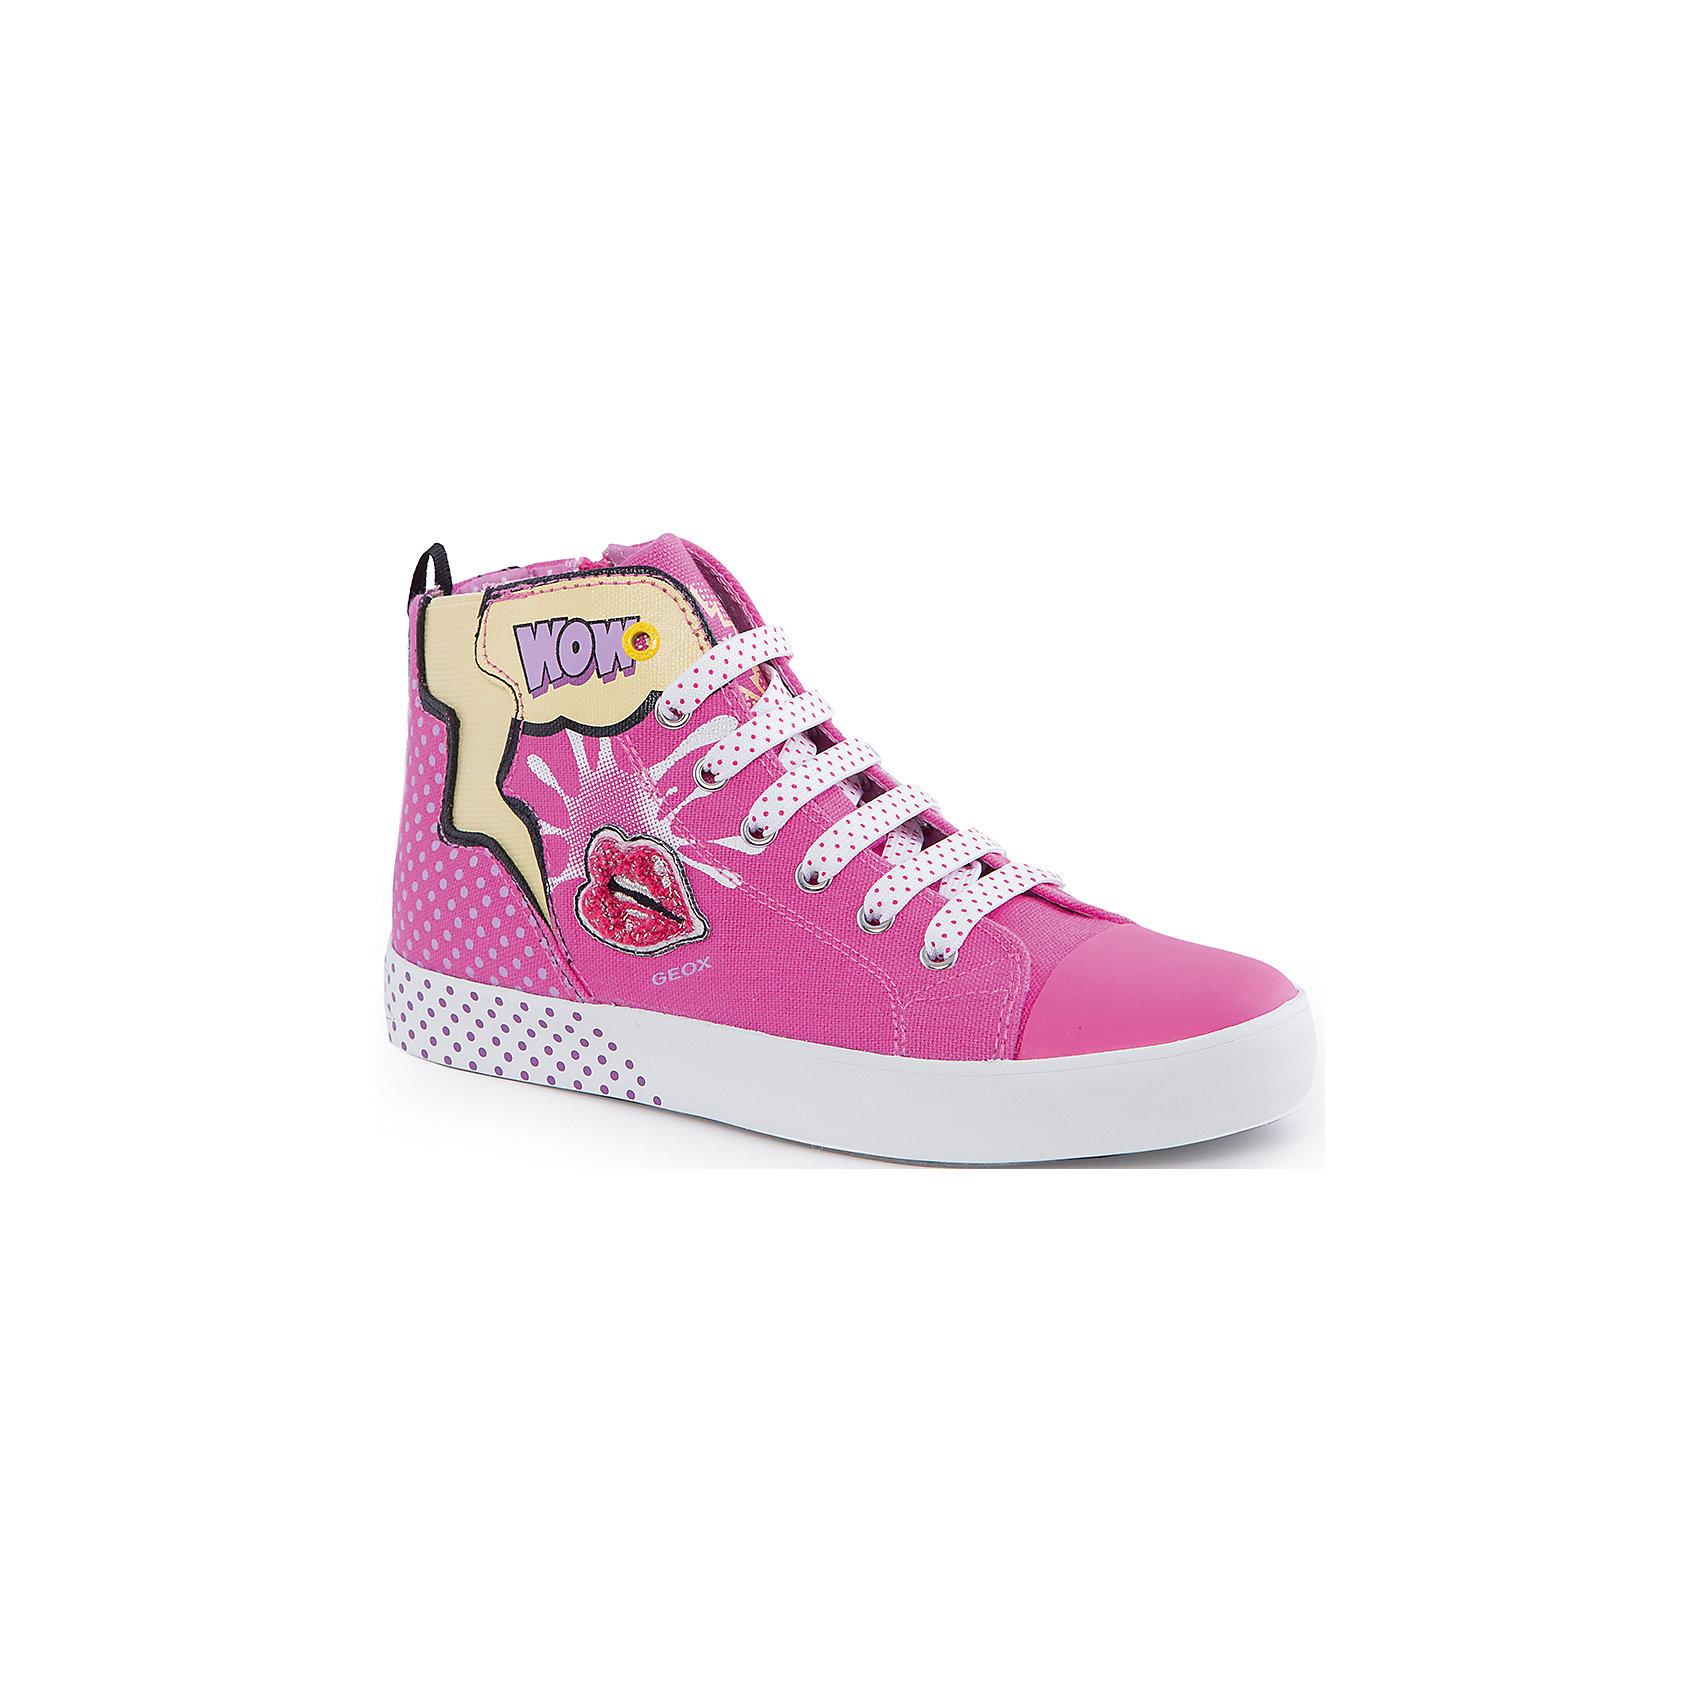 Кеды для девочки GeoxКеды для девочки от популярной марки GEOX (Геокс).<br><br>Яркие розовые Кеды - отличная обувь для нового весеннего сезона. Модель очень стильно и оригинально смотрится.<br>Производитель обуви заботится не только о внешнем виде, но и стабильно высоком качестве продукции. GEOX (Геокс) разработал специальную дышащую подошву, которая не пропускает влагу внутрь, а также высокотехнологичную стельку.<br><br>Отличительные особенности модели:<br><br>- цвет: розовый;<br>- украшены принтом и аппликацией;<br>- гибкая водоотталкивающая подошва с дышащей мембраной;<br>- мягкий и легкий верх;<br>- защита пальцев;<br>- стильный дизайн;<br>- удобная застежка-молния сбоку, шнуровка;<br>- комфортное облегание;<br>- верх обуви и подкладка сделаны без использования хрома.<br><br>Дополнительная информация:<br><br>- Температурный режим: от +10° С до 25° С.<br><br>- Состав:<br><br>материал верха: текстиль, синтетический материал<br>материал подкладки: текстиль<br>подошва: 100% резина<br><br>Кеды для девочки GEOX (Геокс) (Геокс) можно купить в нашем магазине.<br><br>Ширина мм: 250<br>Глубина мм: 150<br>Высота мм: 150<br>Вес г: 250<br>Цвет: розовый<br>Возраст от месяцев: 60<br>Возраст до месяцев: 72<br>Пол: Женский<br>Возраст: Детский<br>Размер: 29,28,35,33,30,36,34,32,31<br>SKU: 4519095